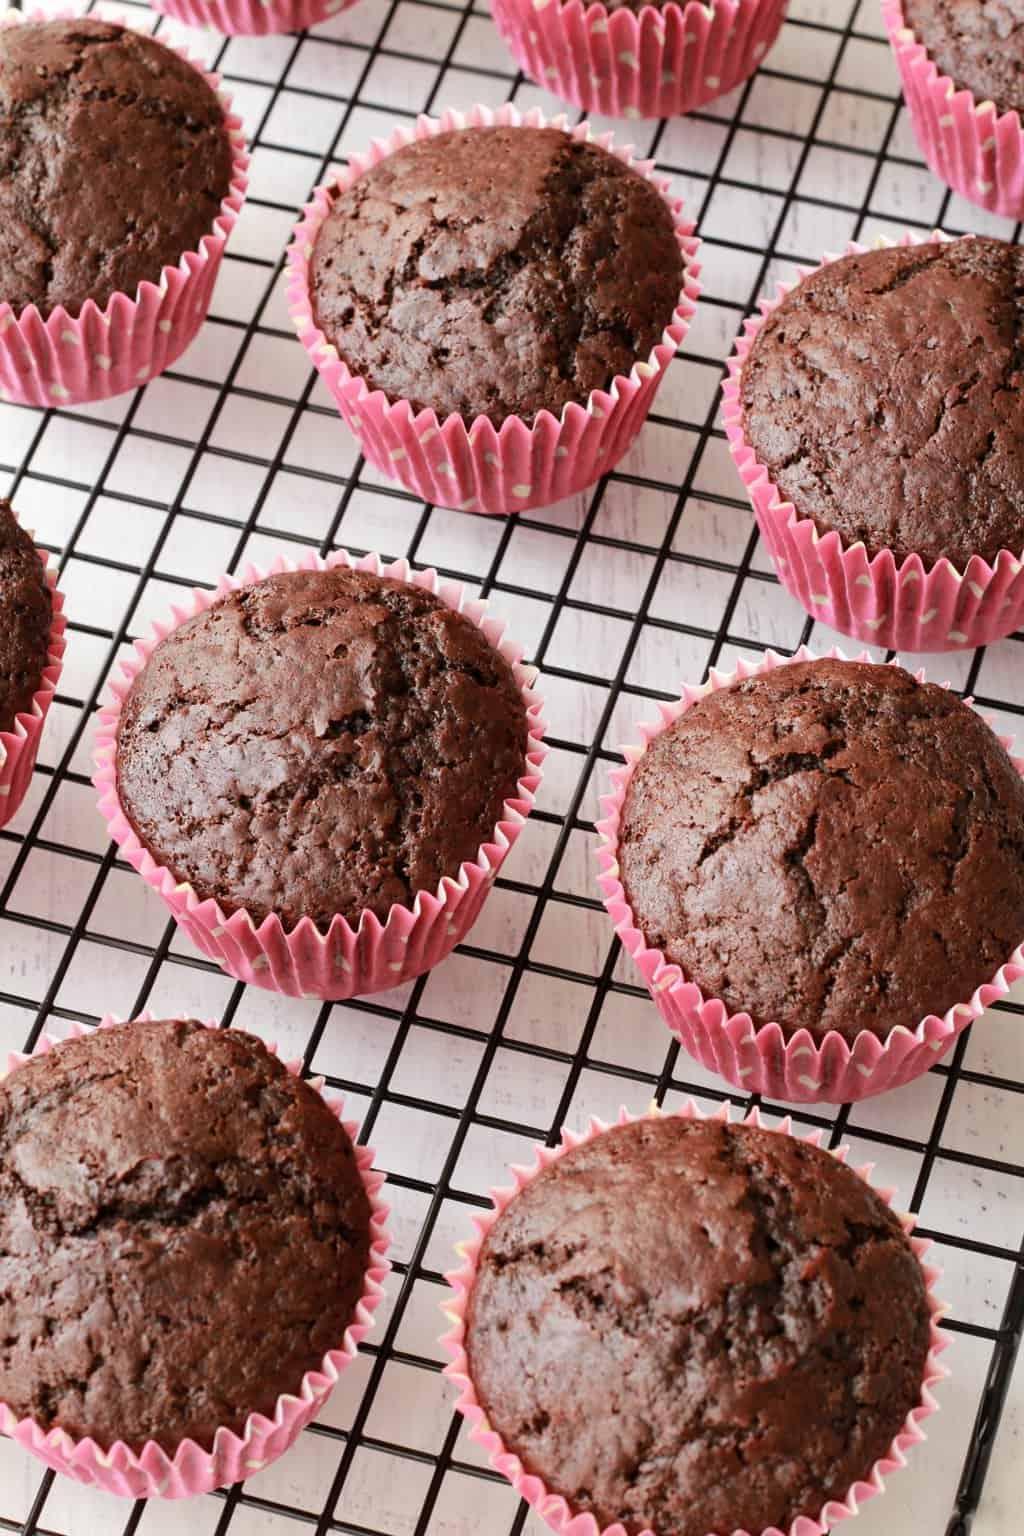 Making Vegan Oreo Cupcakes #vegan #lovingitvegan #oreos #oreocupcakes #cupcakes #dessert